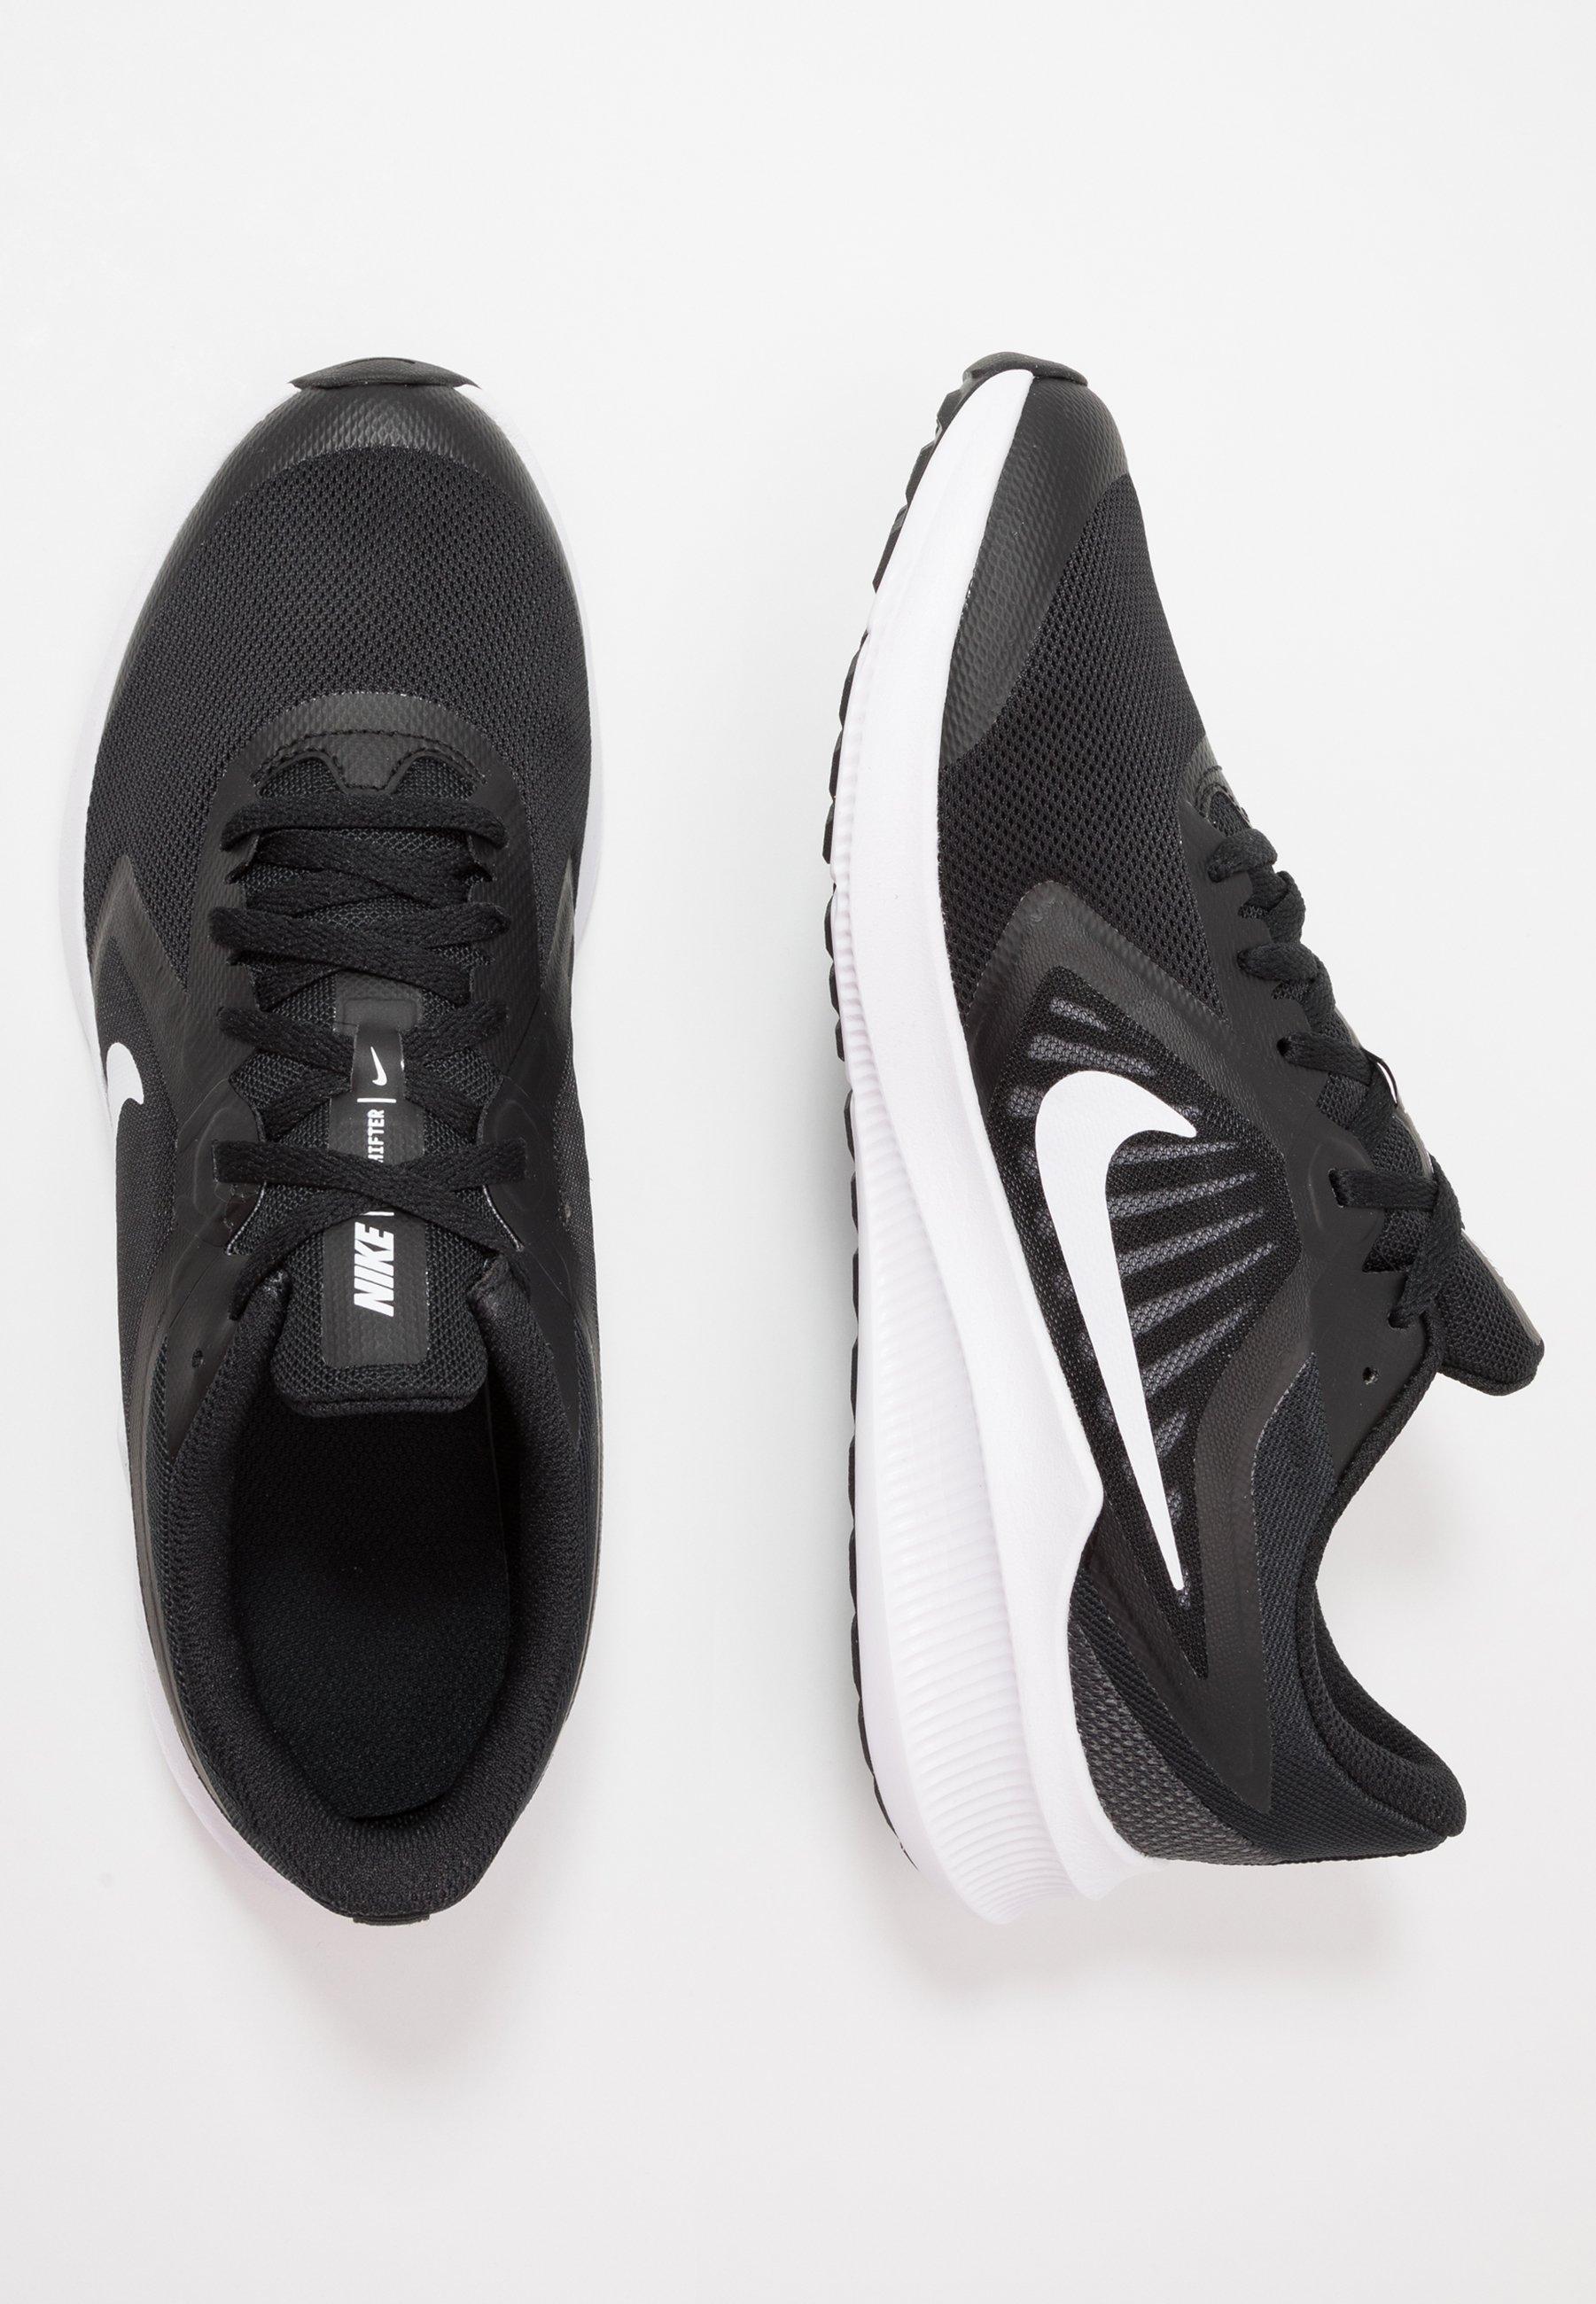 SALE! Jetzt die besten Nike SALE Angebote günstig shoppen